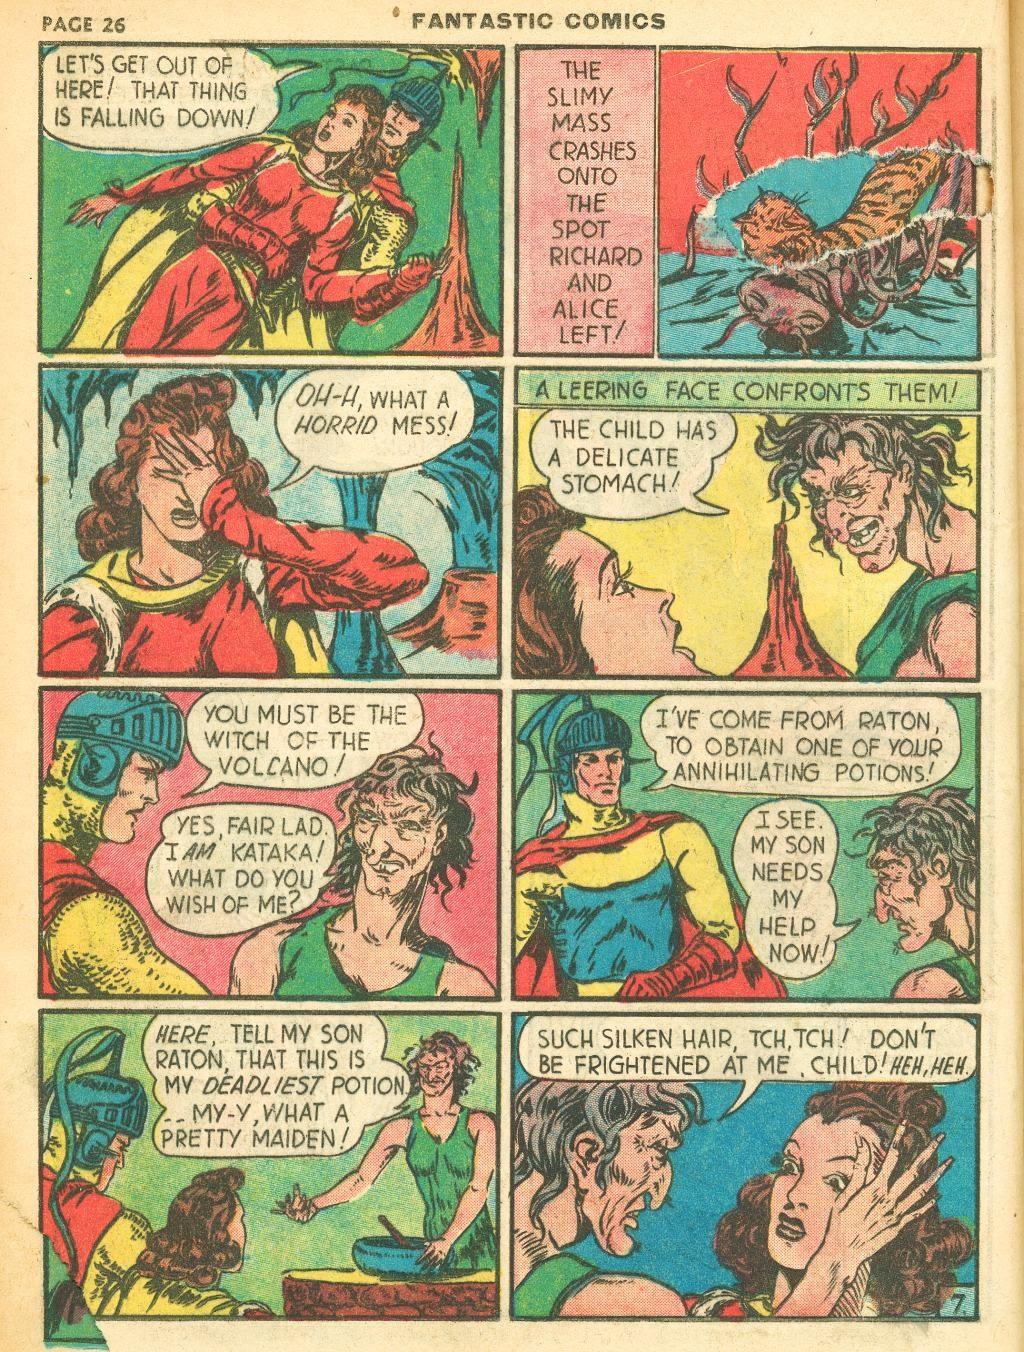 Read online Fantastic Comics comic -  Issue #12 - 28